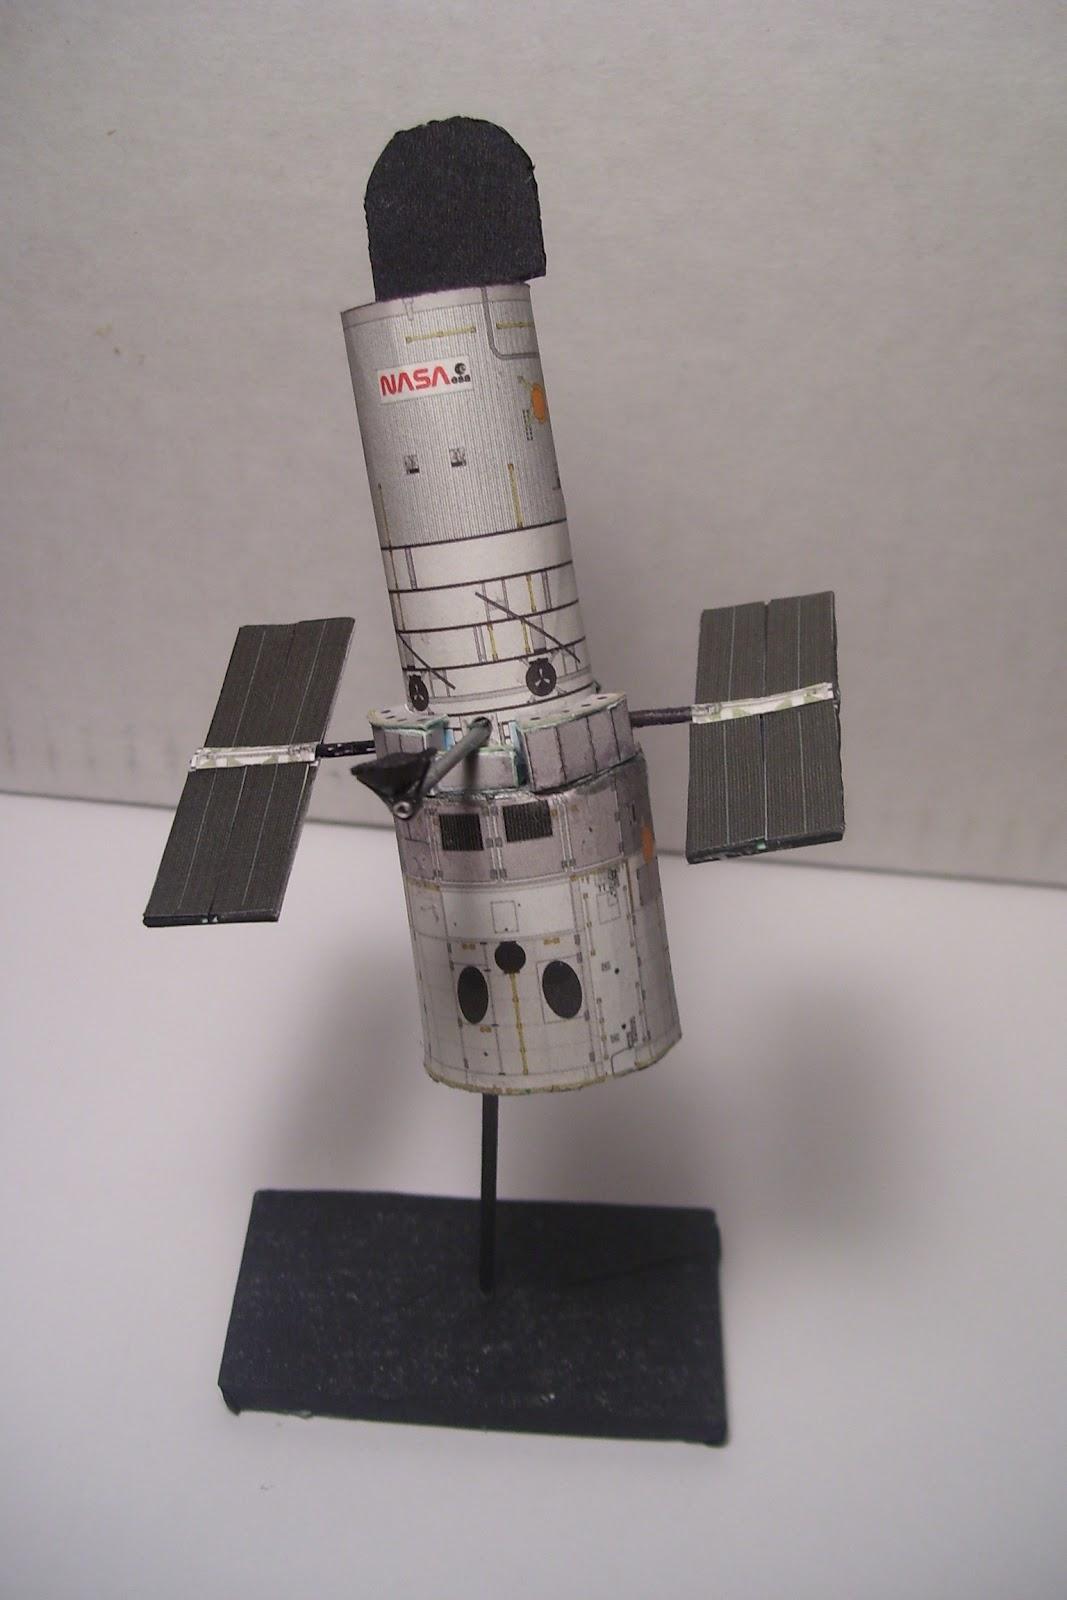 pennwalt model hubble space telescope - photo #11